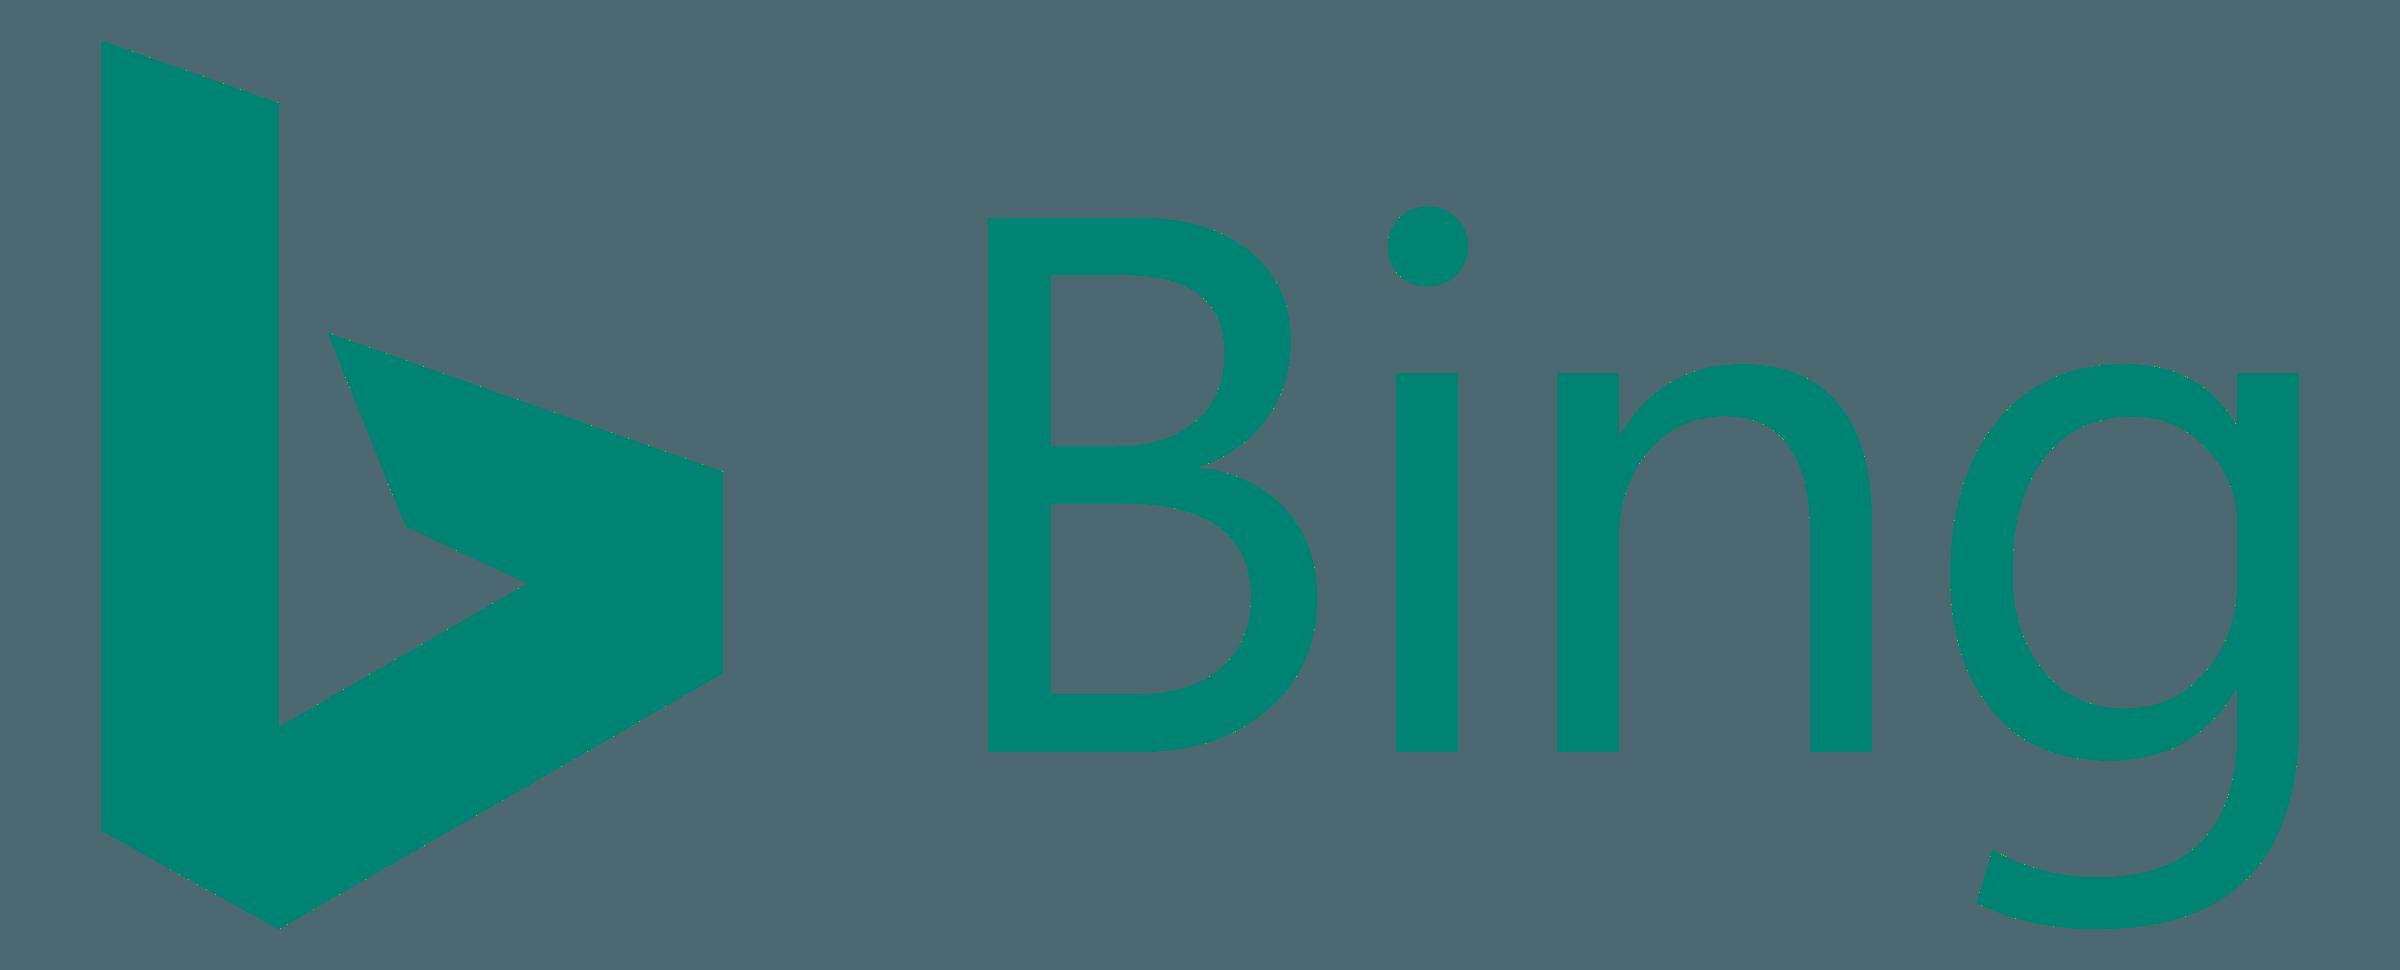 Bing Logo PNG Transparent & SVG Vector.